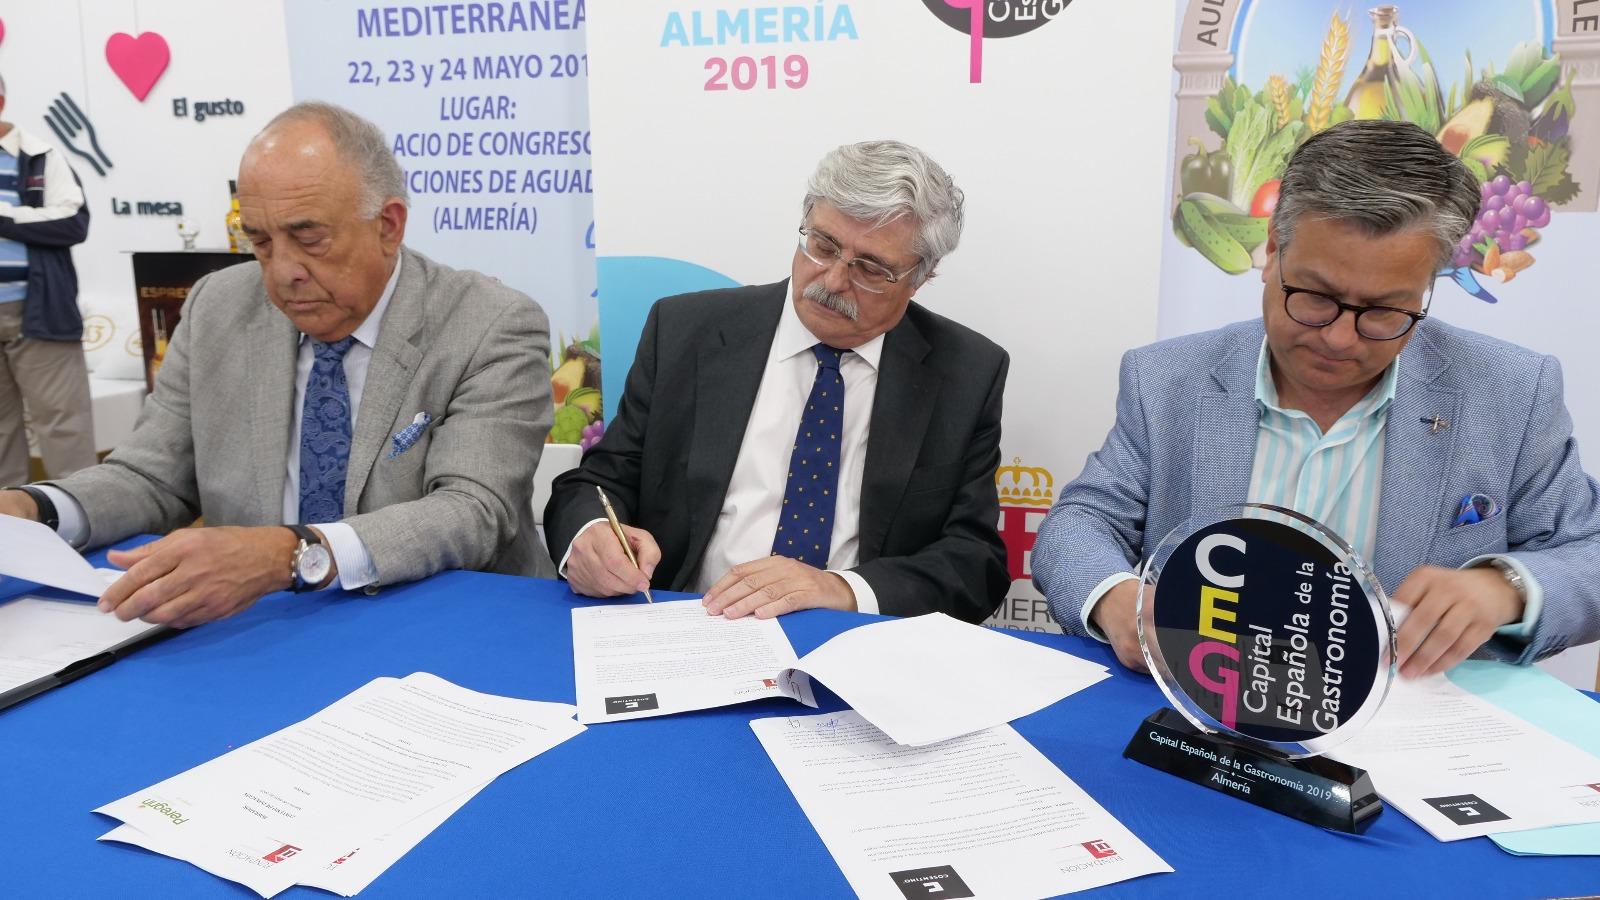 Aula de la Dieta Mediterránea y Grupo Cosentino, unidos en beneficio de la salud